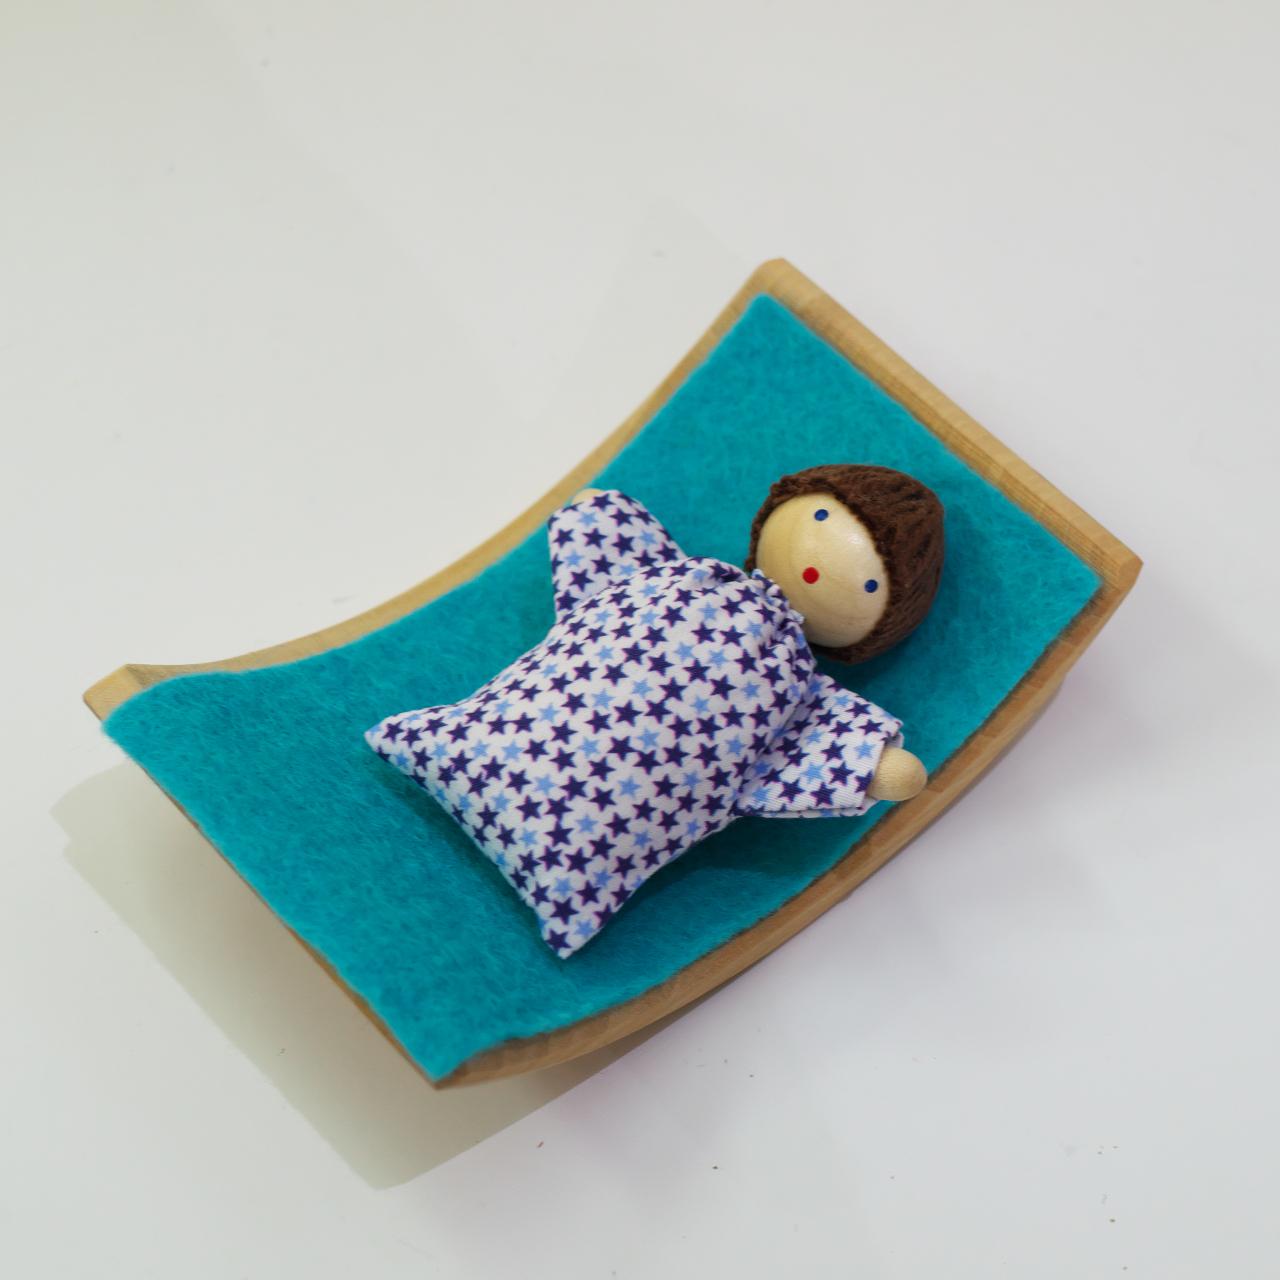 ヘアヴィック製人形 赤ちゃん